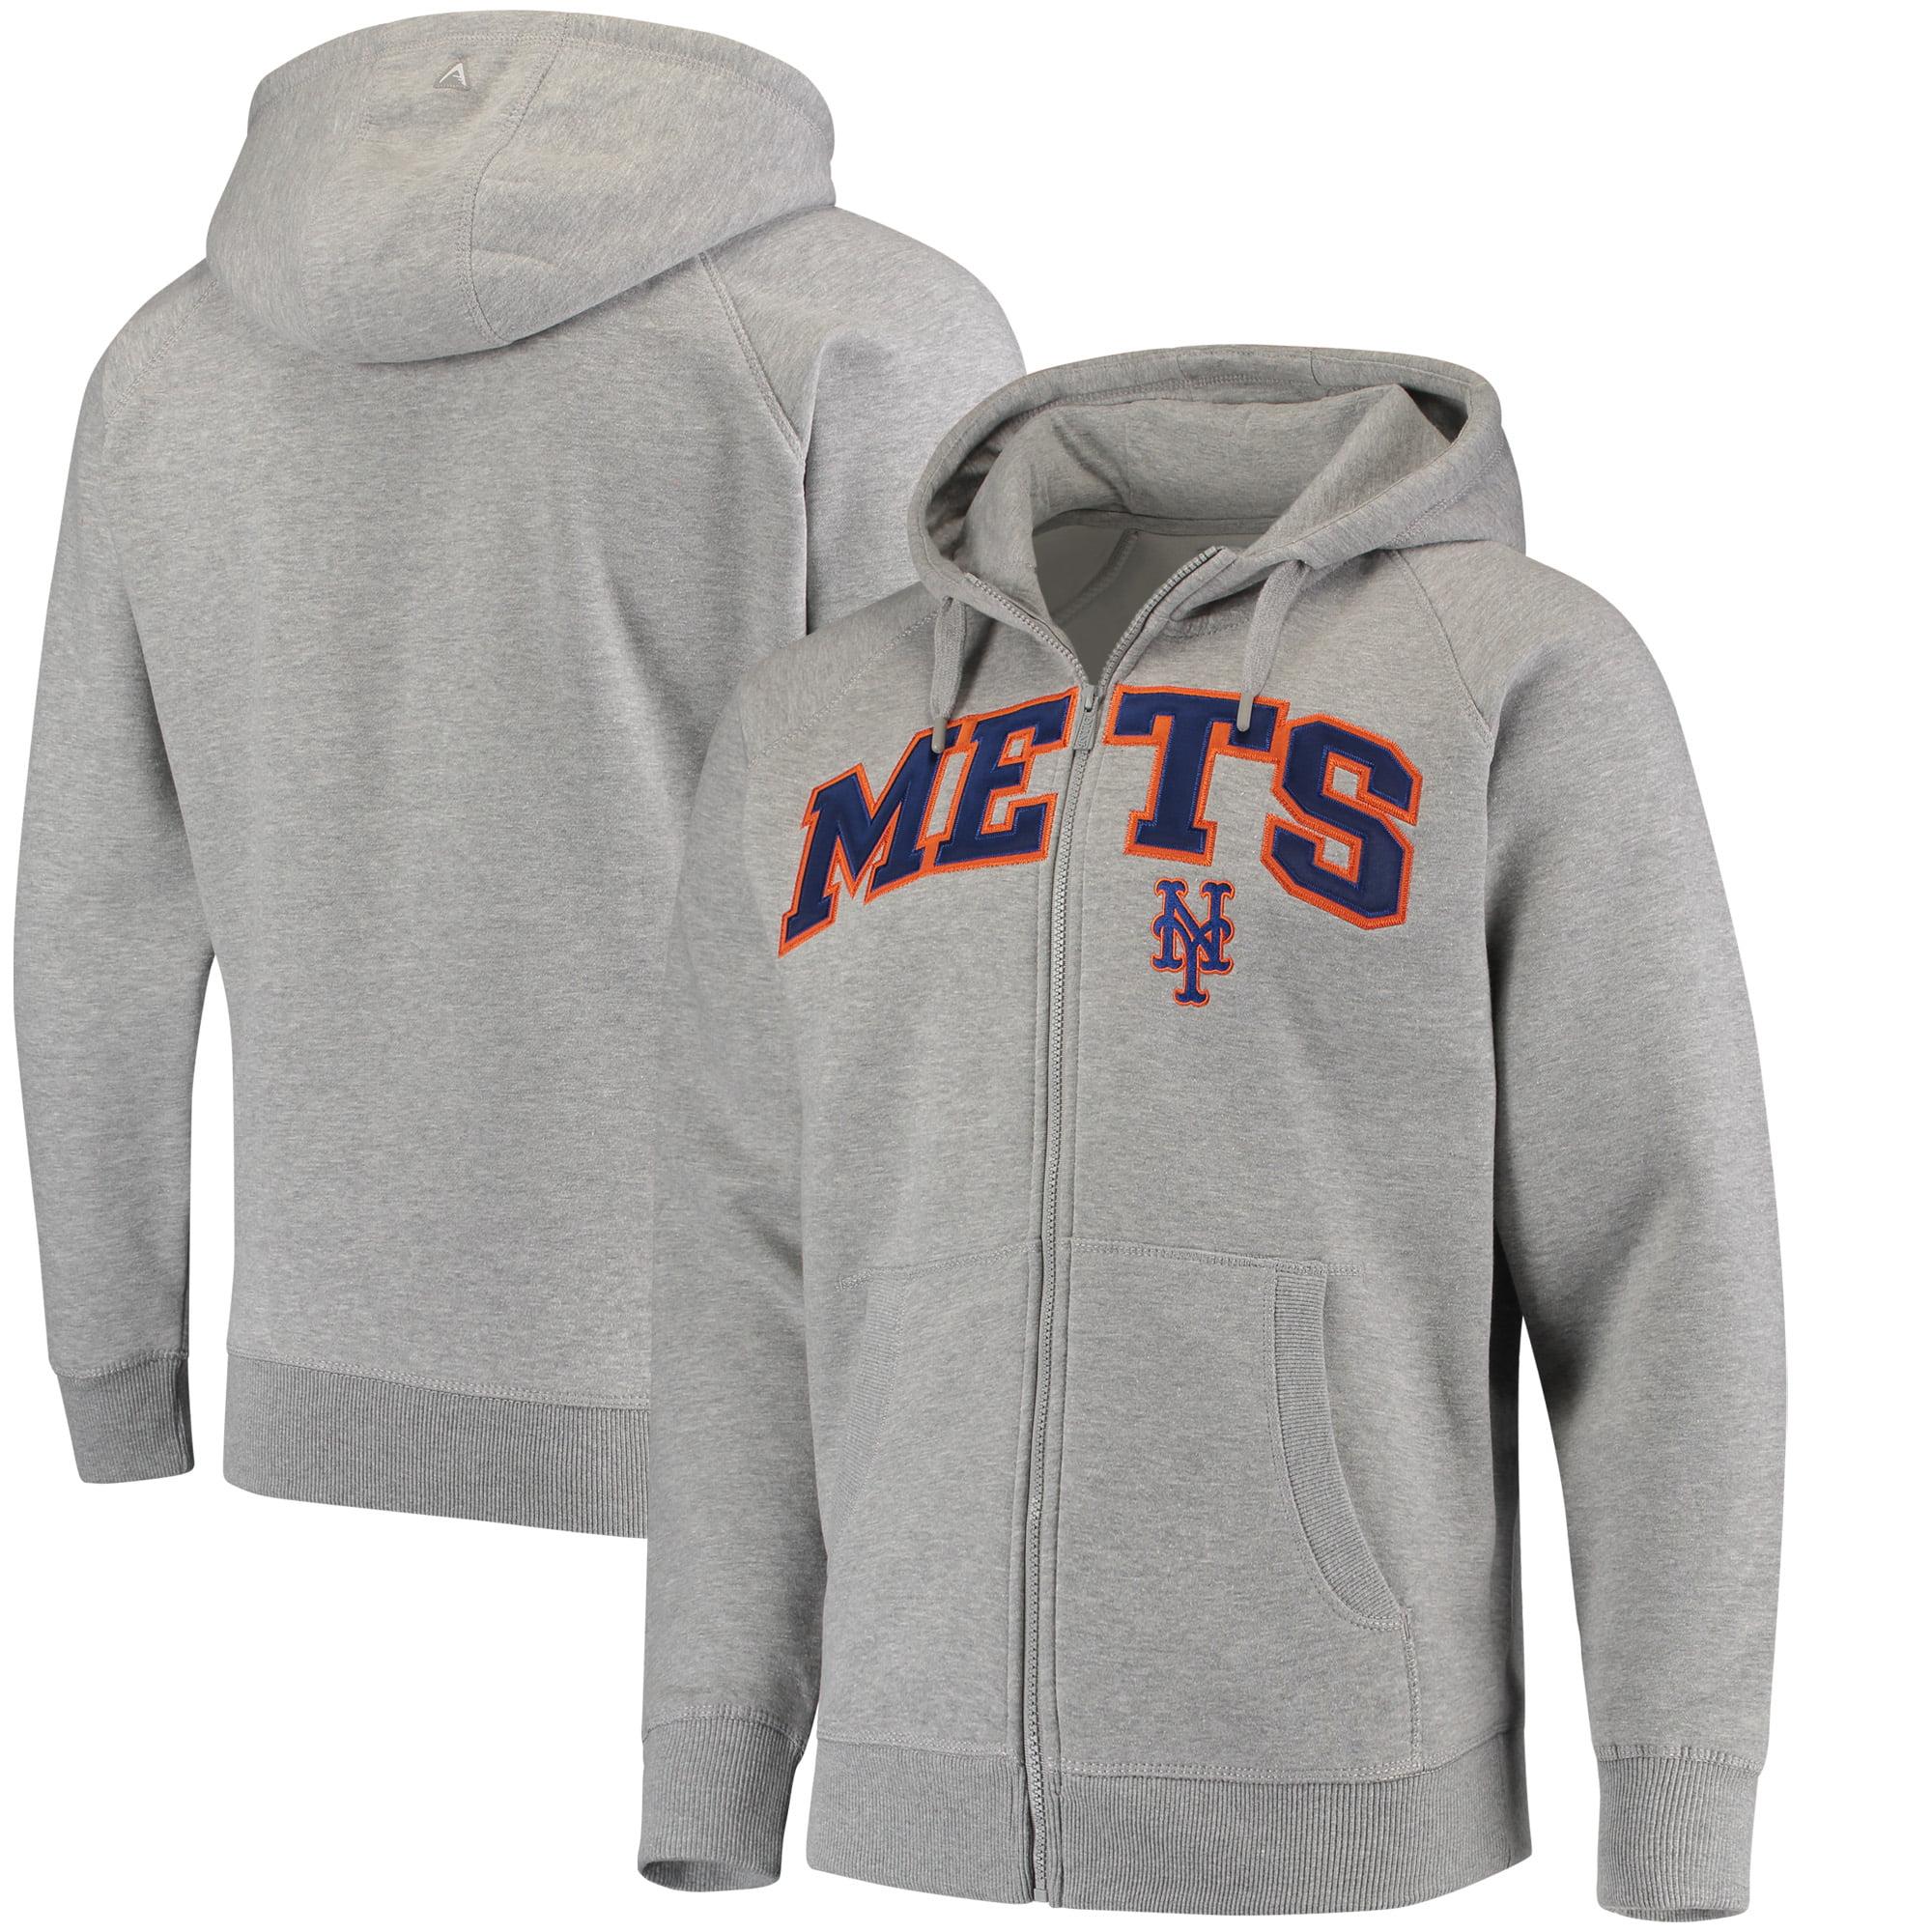 New York Mets Antigua Team Victory Full-Zip Hoodie - Heathered Gray